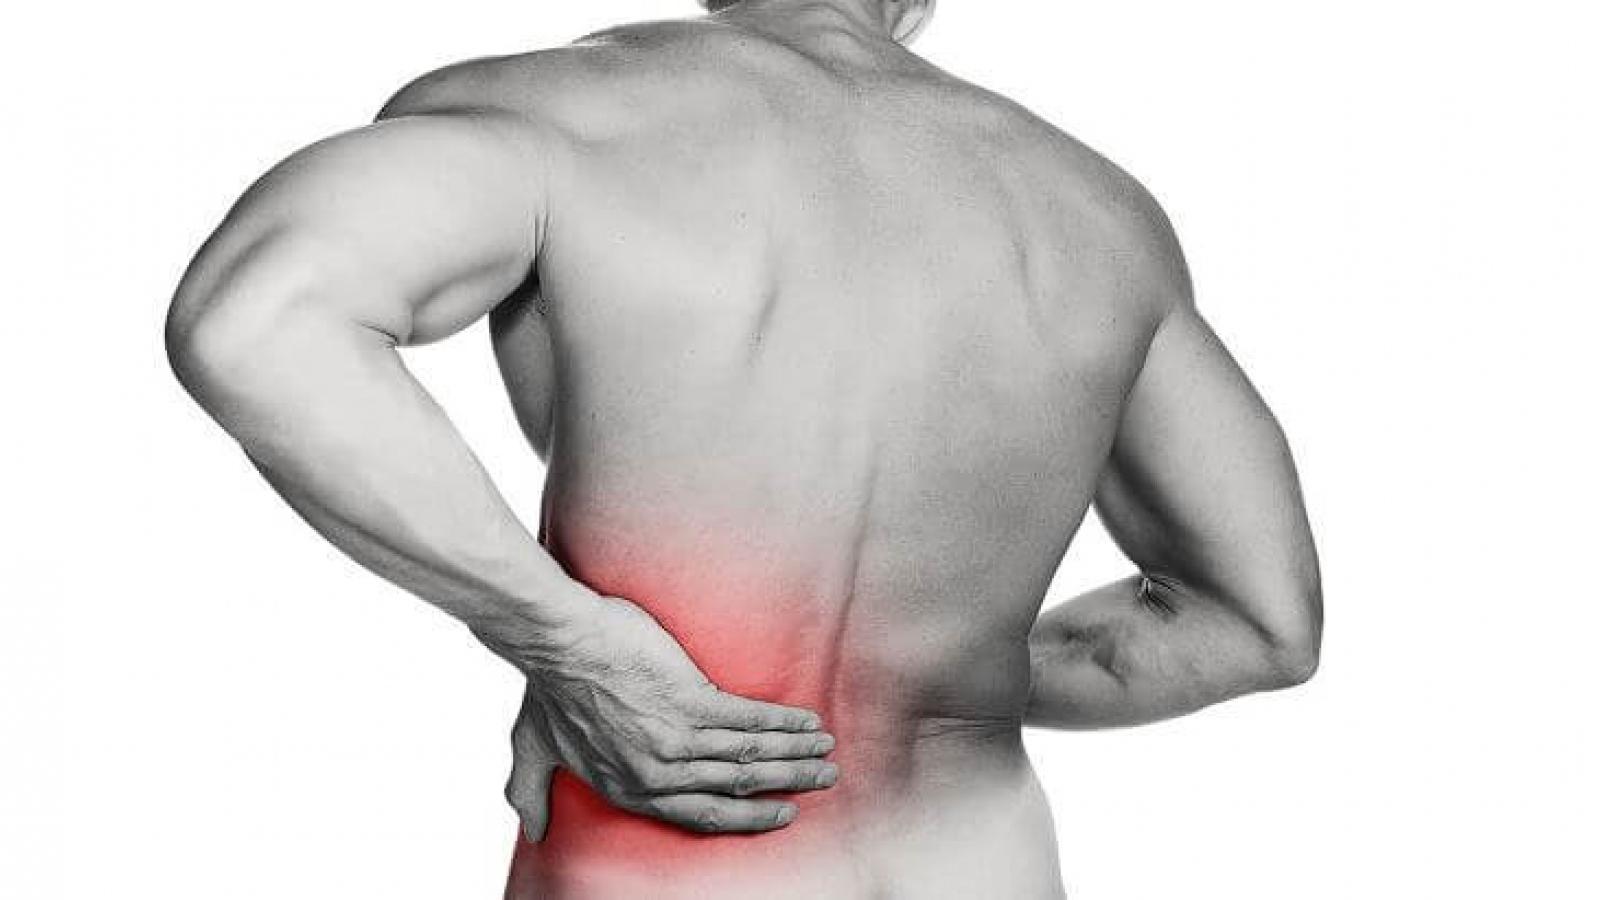 Biến chứng nghiêm trọng của COVID-19: Viêm tủy xương